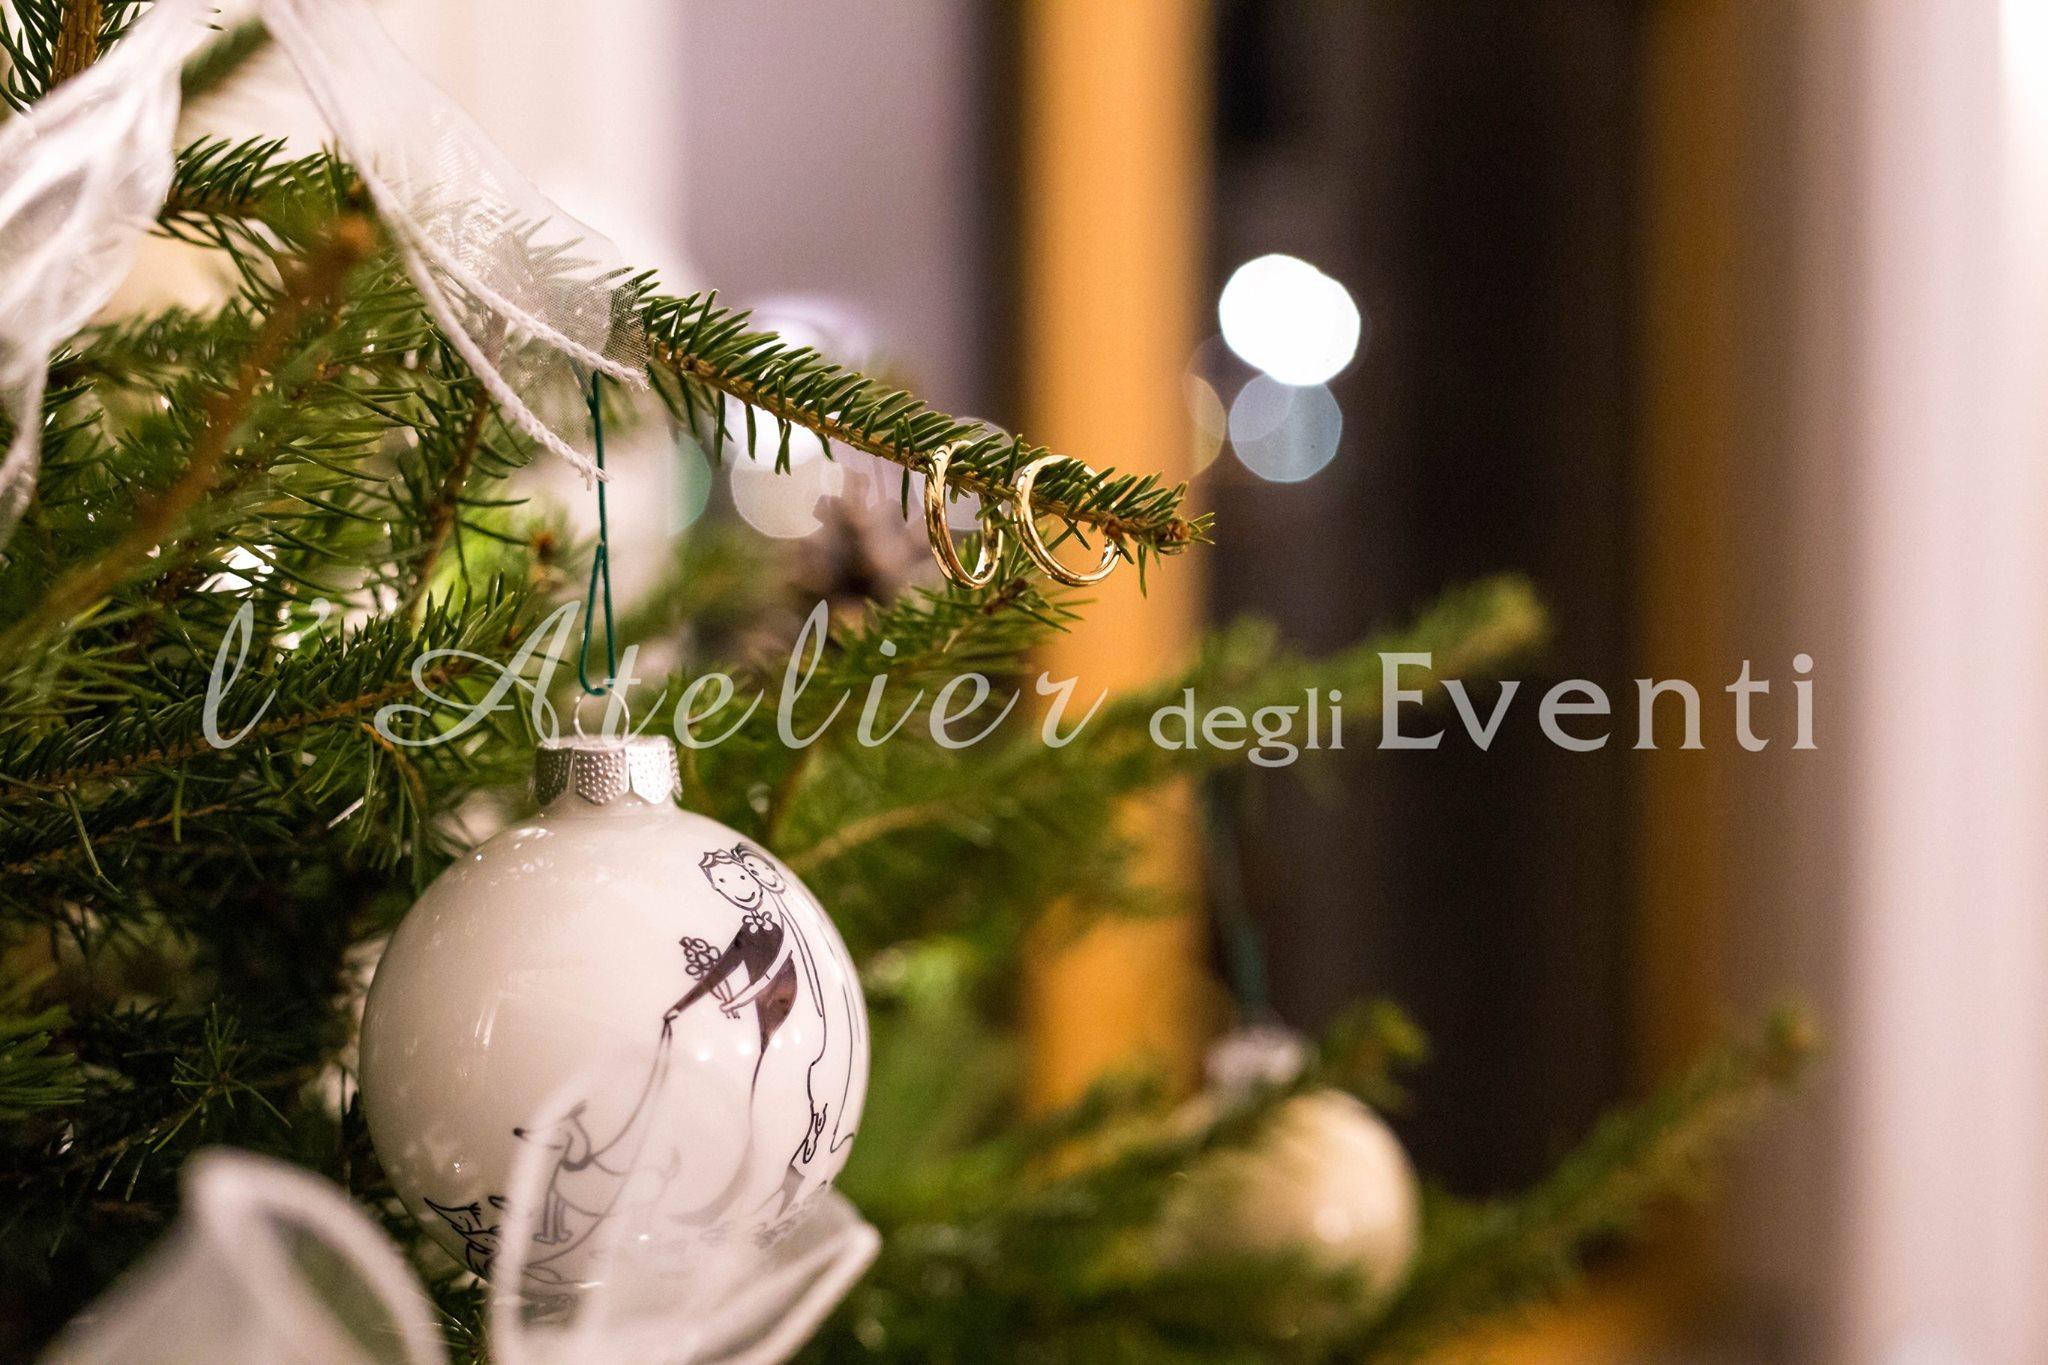 fedi_sposi_matrimonio_fede_nuziale_nozze_genova_oreficeria_gioielli